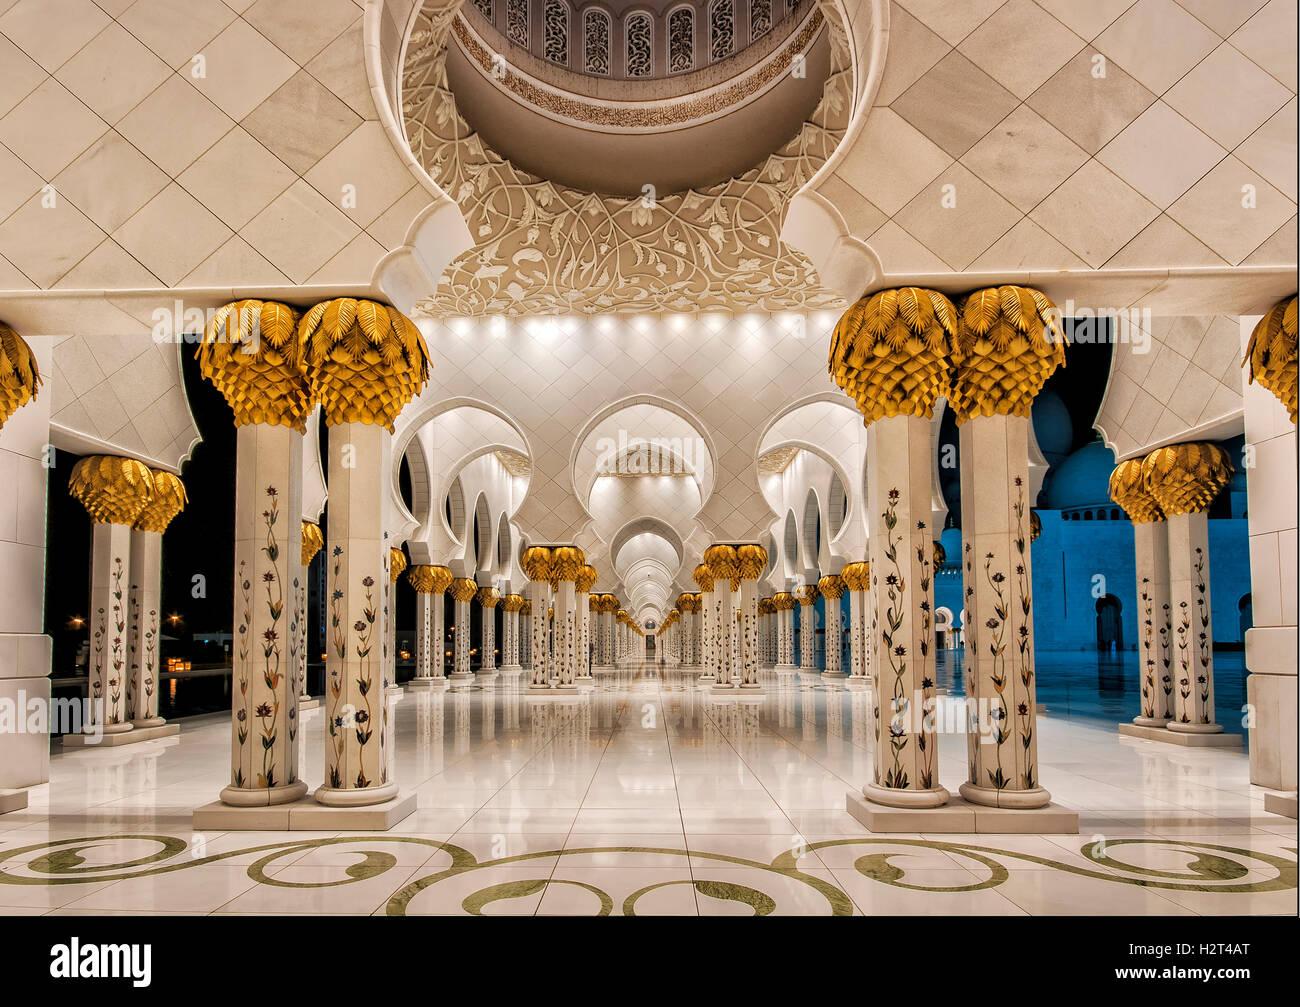 Portikus, weiße Moschee, Abu Dhabi, Vereinigte Arabische Emirate Stockbild